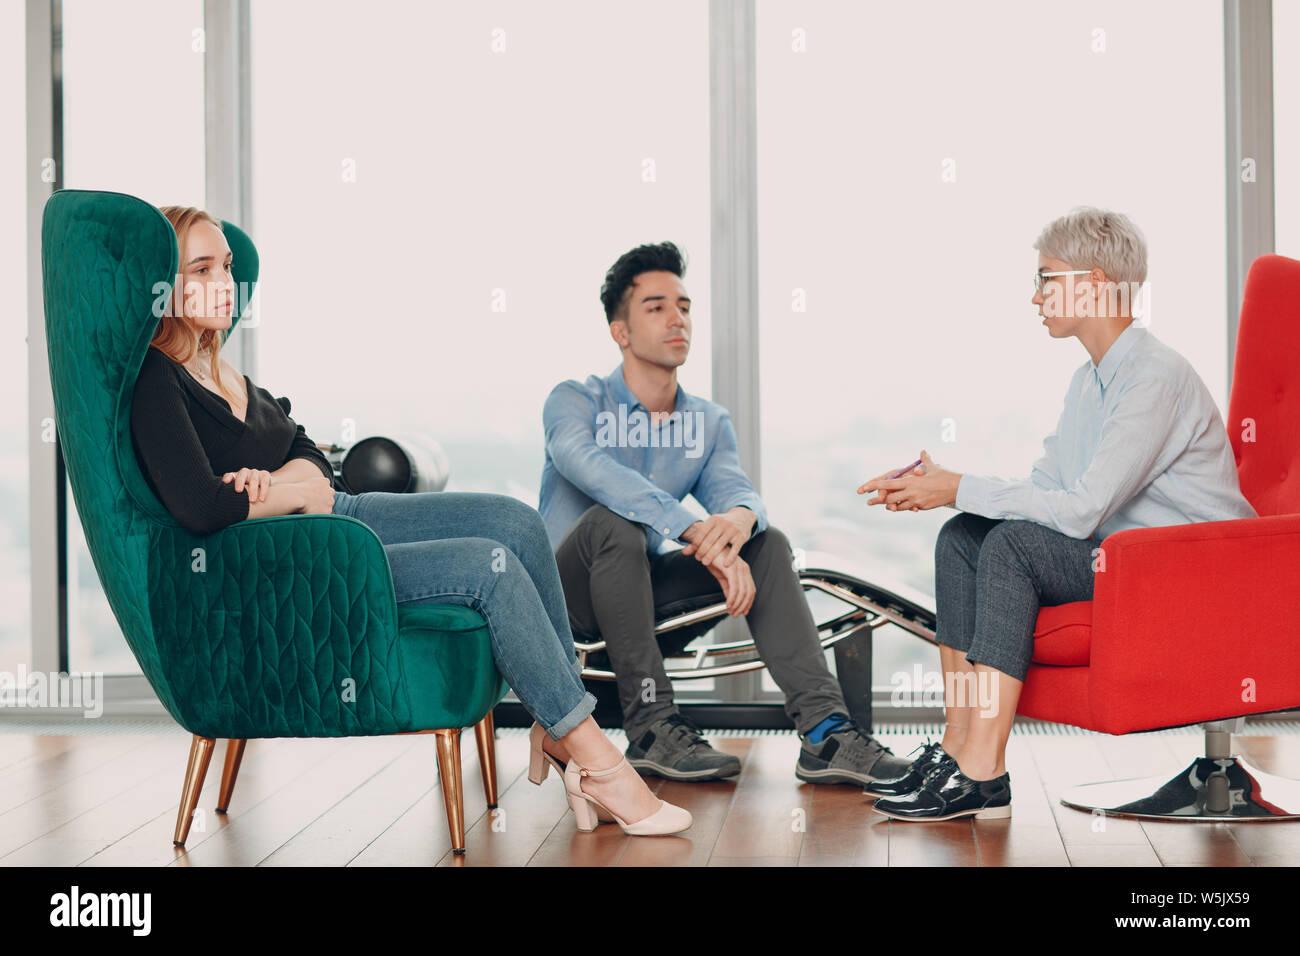 Junger Mann und Frau sind chatten, während in einem Stuhl sitzen. Brainstorming Konzept. Stockfoto